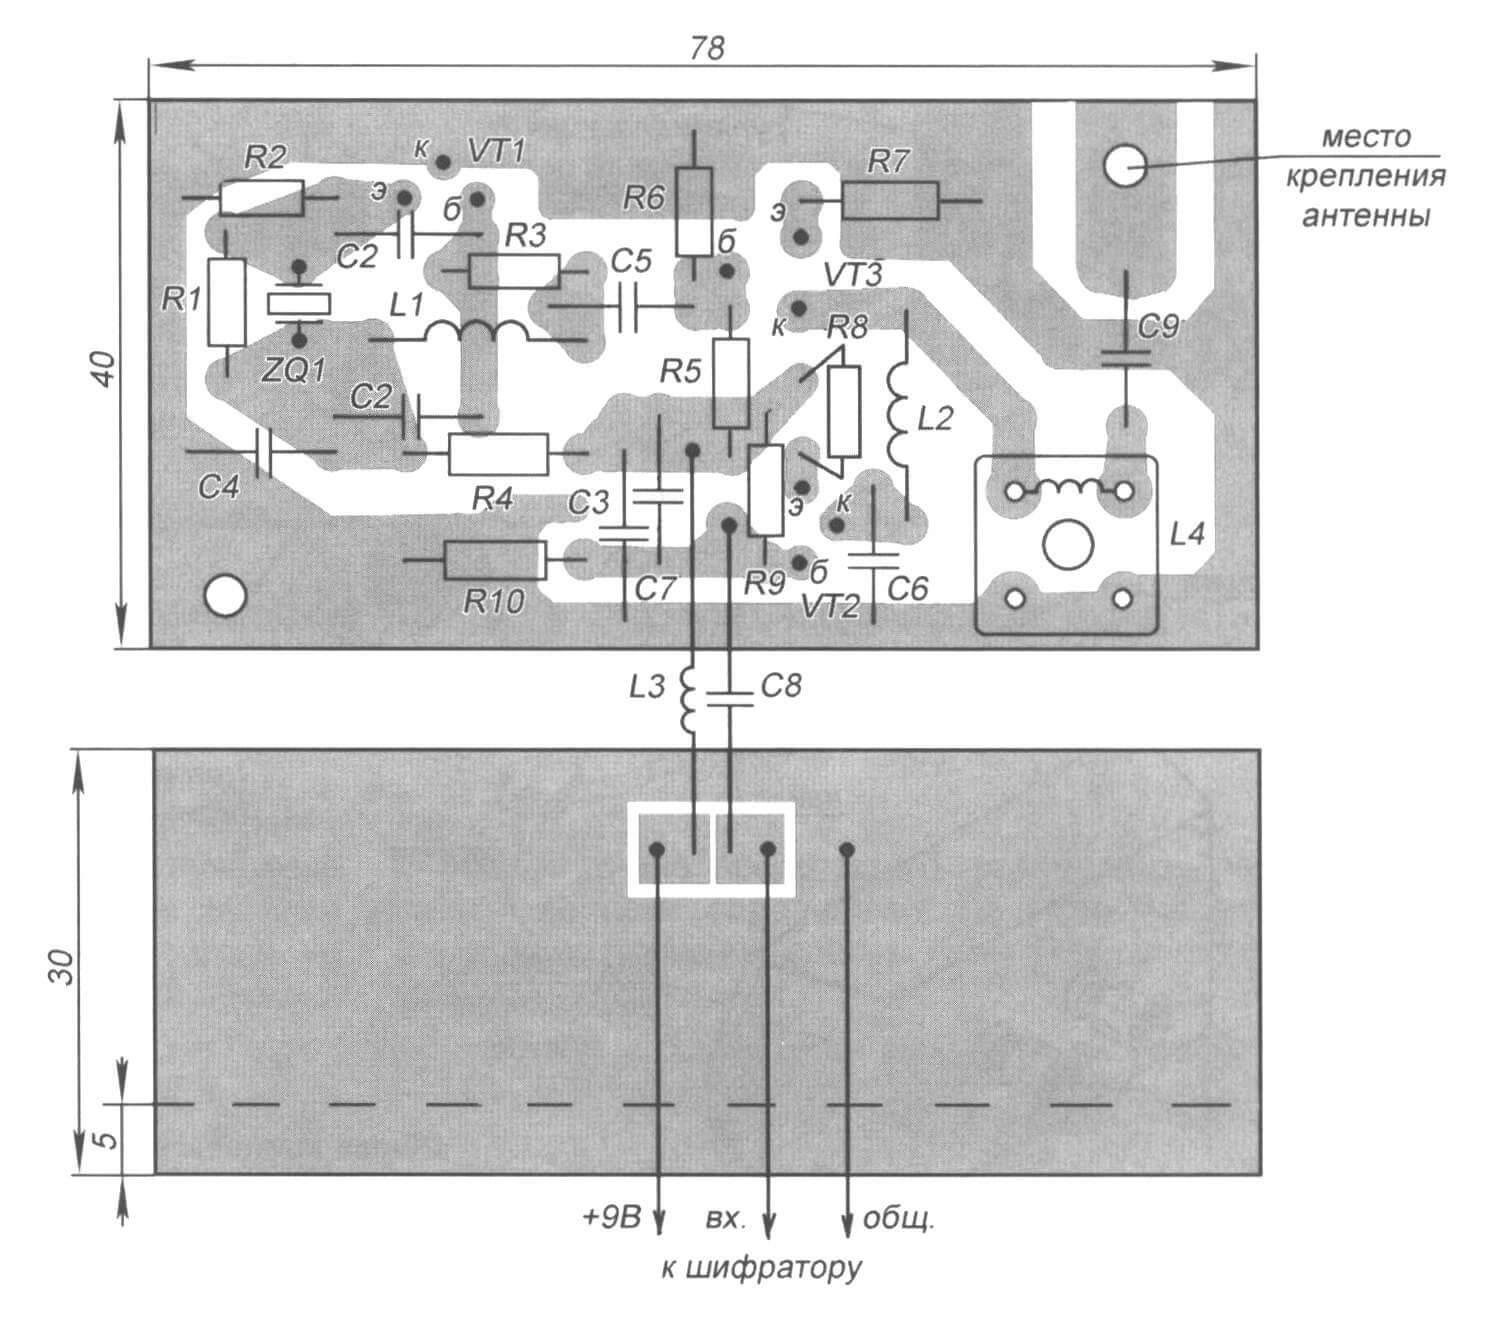 Печатная плата и нижняя стенка передающего модуля